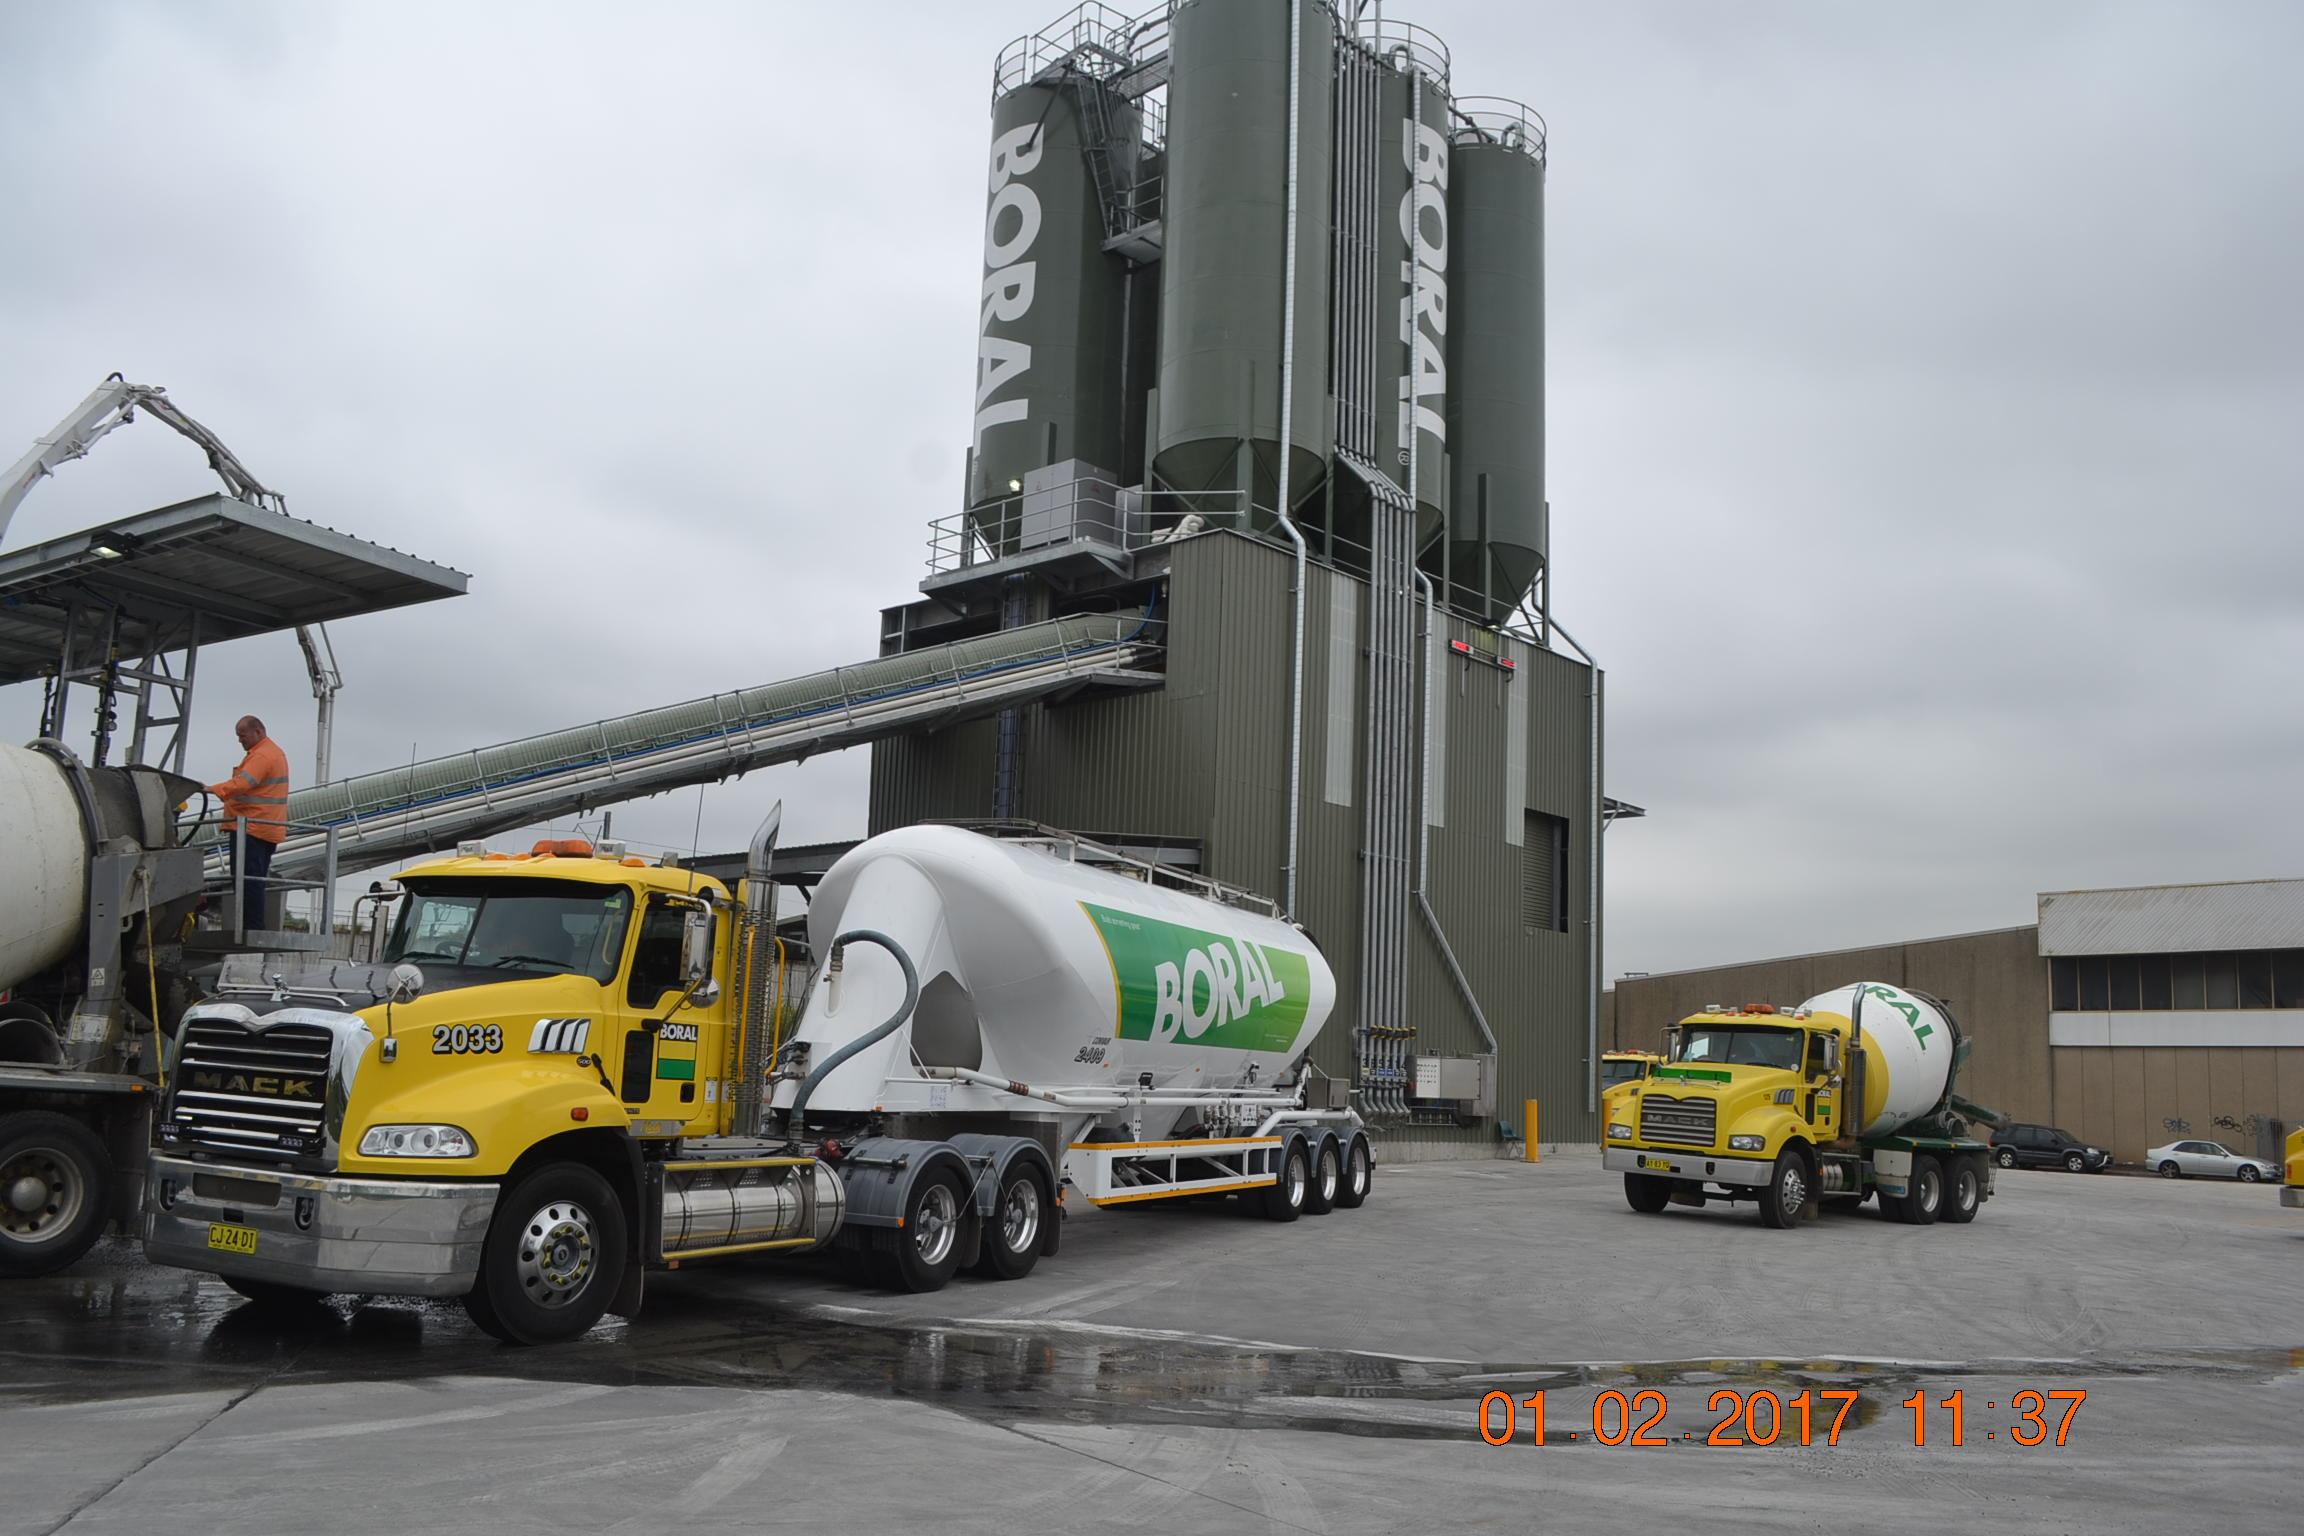 Boral Granville Concrete Batch Plant